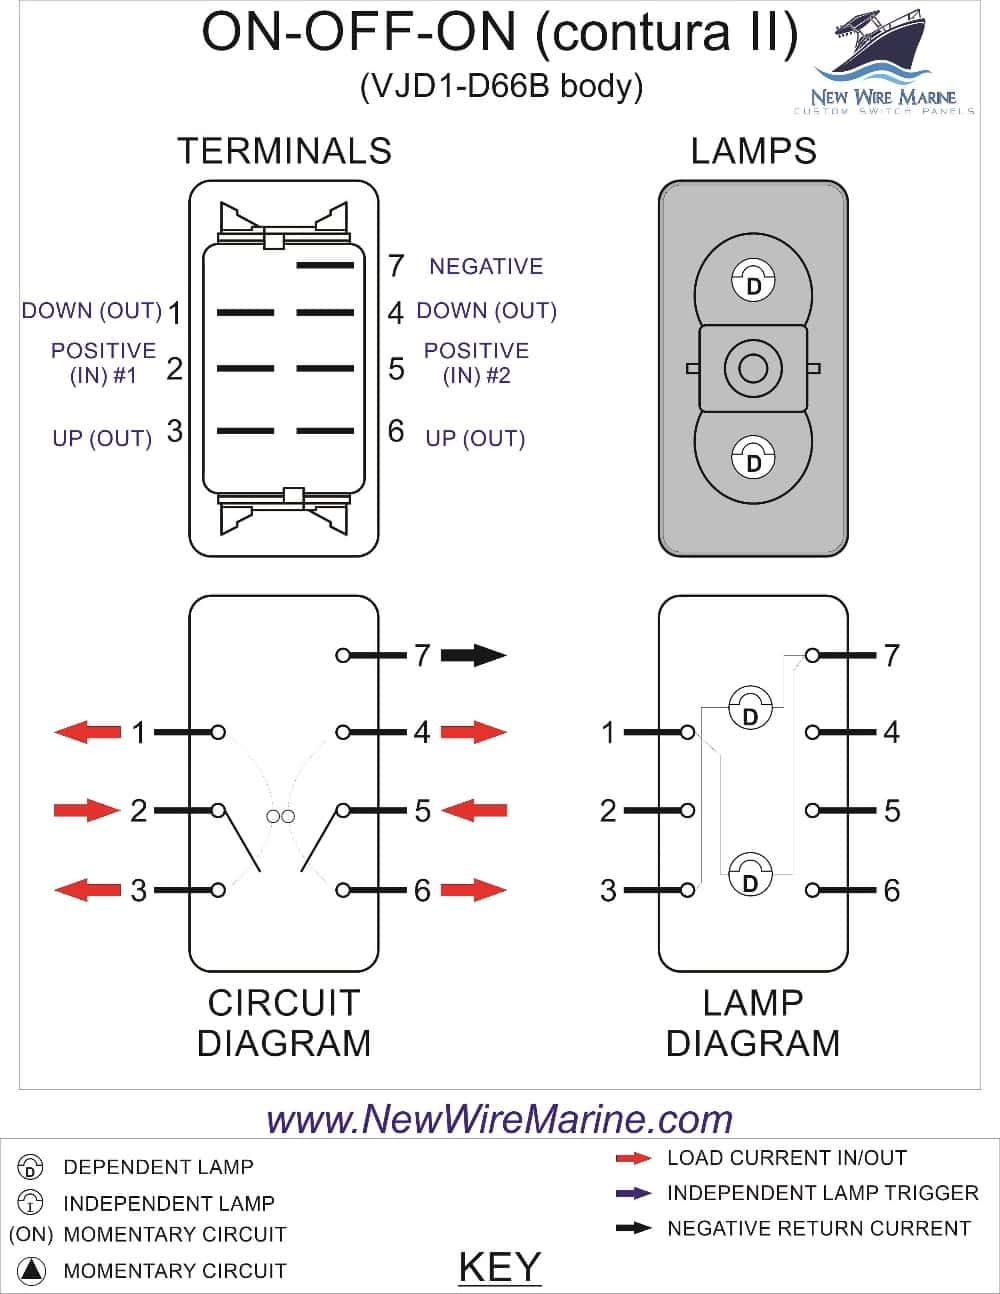 7 Pin Rocker Switch Wiring Diagram | Wiring Diagram - 7 Pin Rocker Switch Wiring Diagram